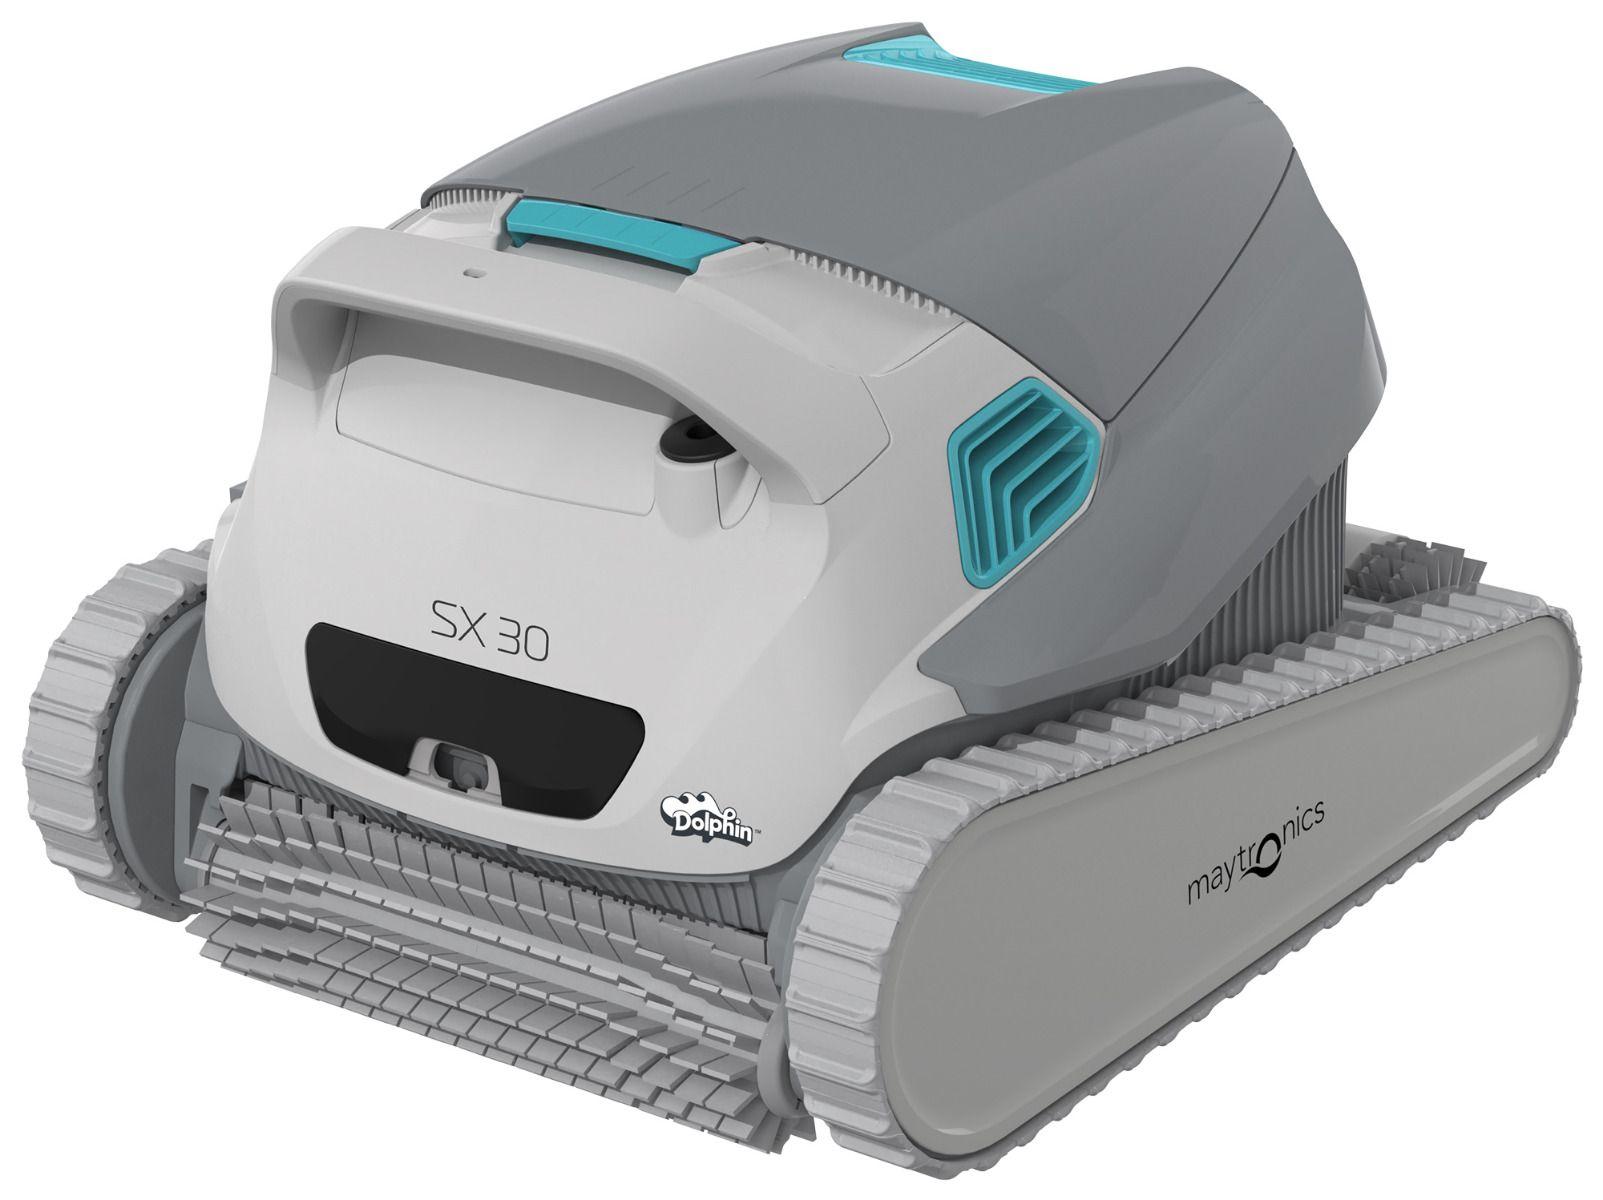 Robot Limpiafondos Dolphin SX 30